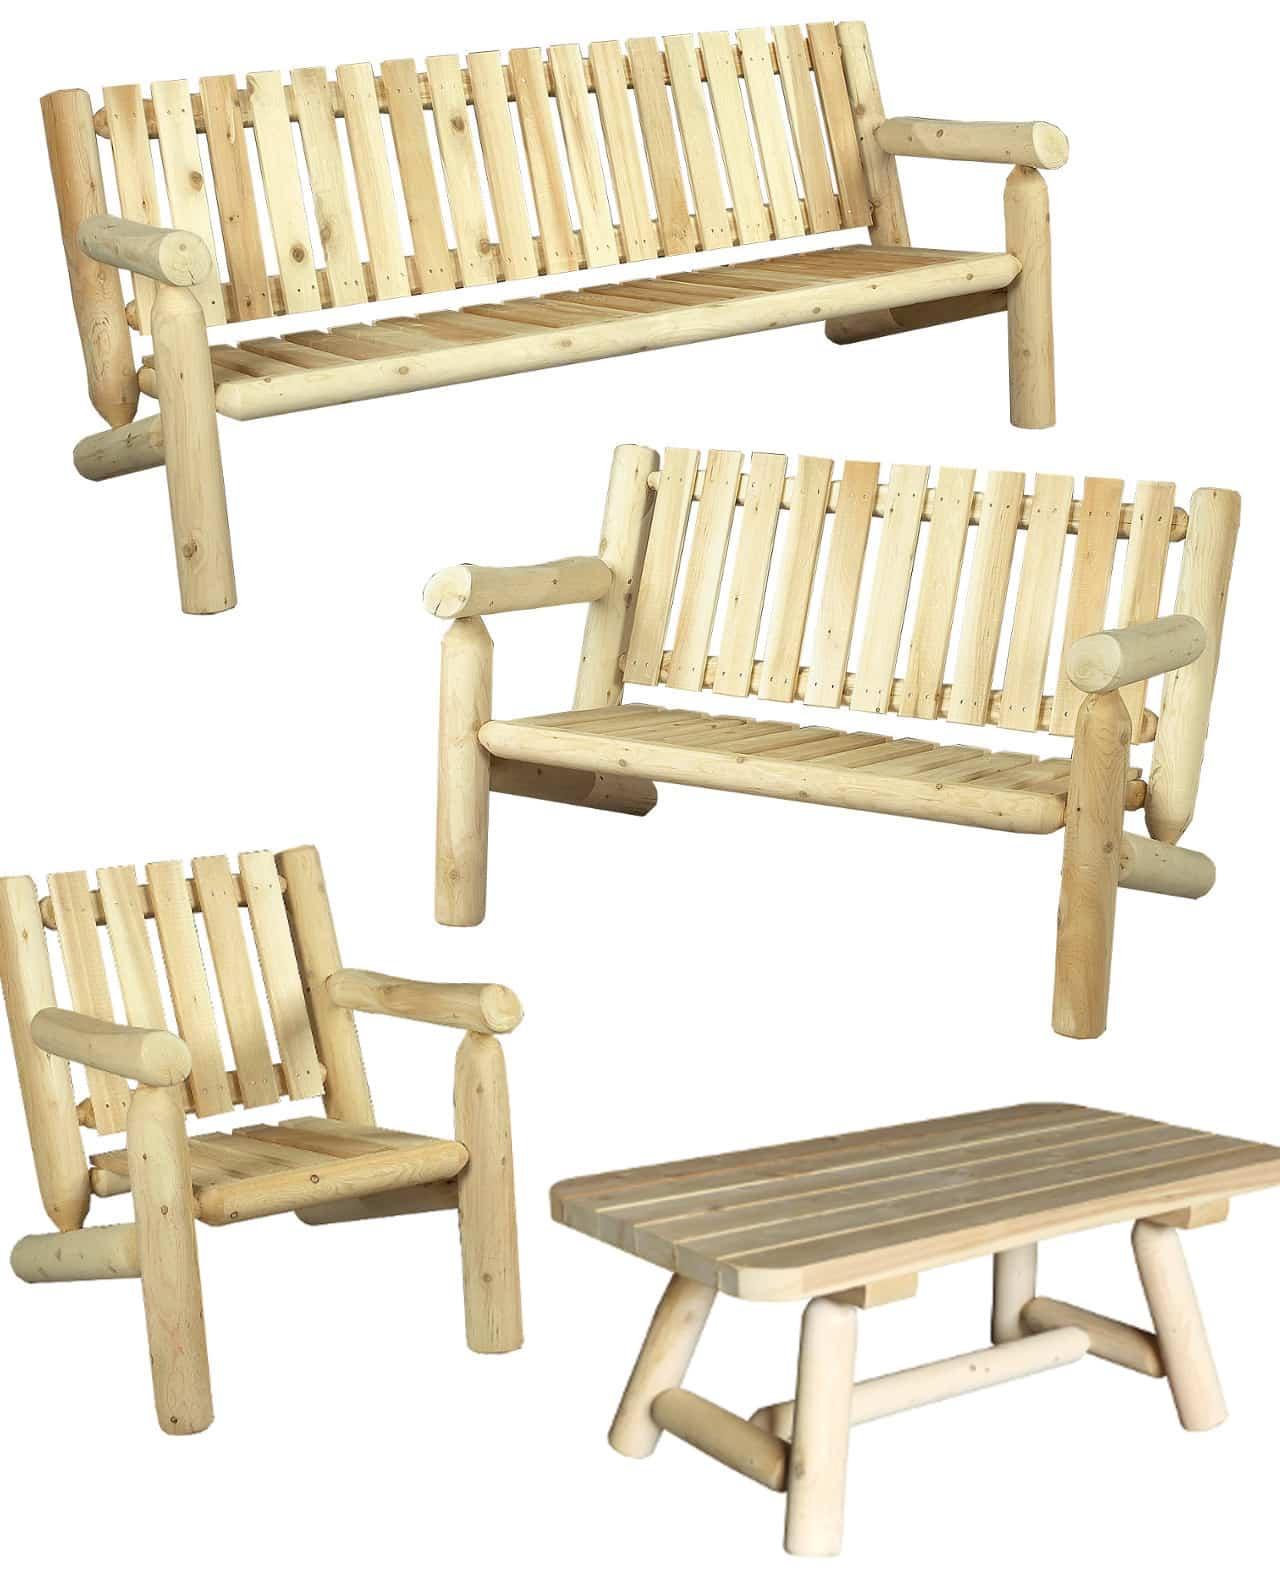 salon de jardin en bois fauteuil et canap n 5 c dre rondins. Black Bedroom Furniture Sets. Home Design Ideas